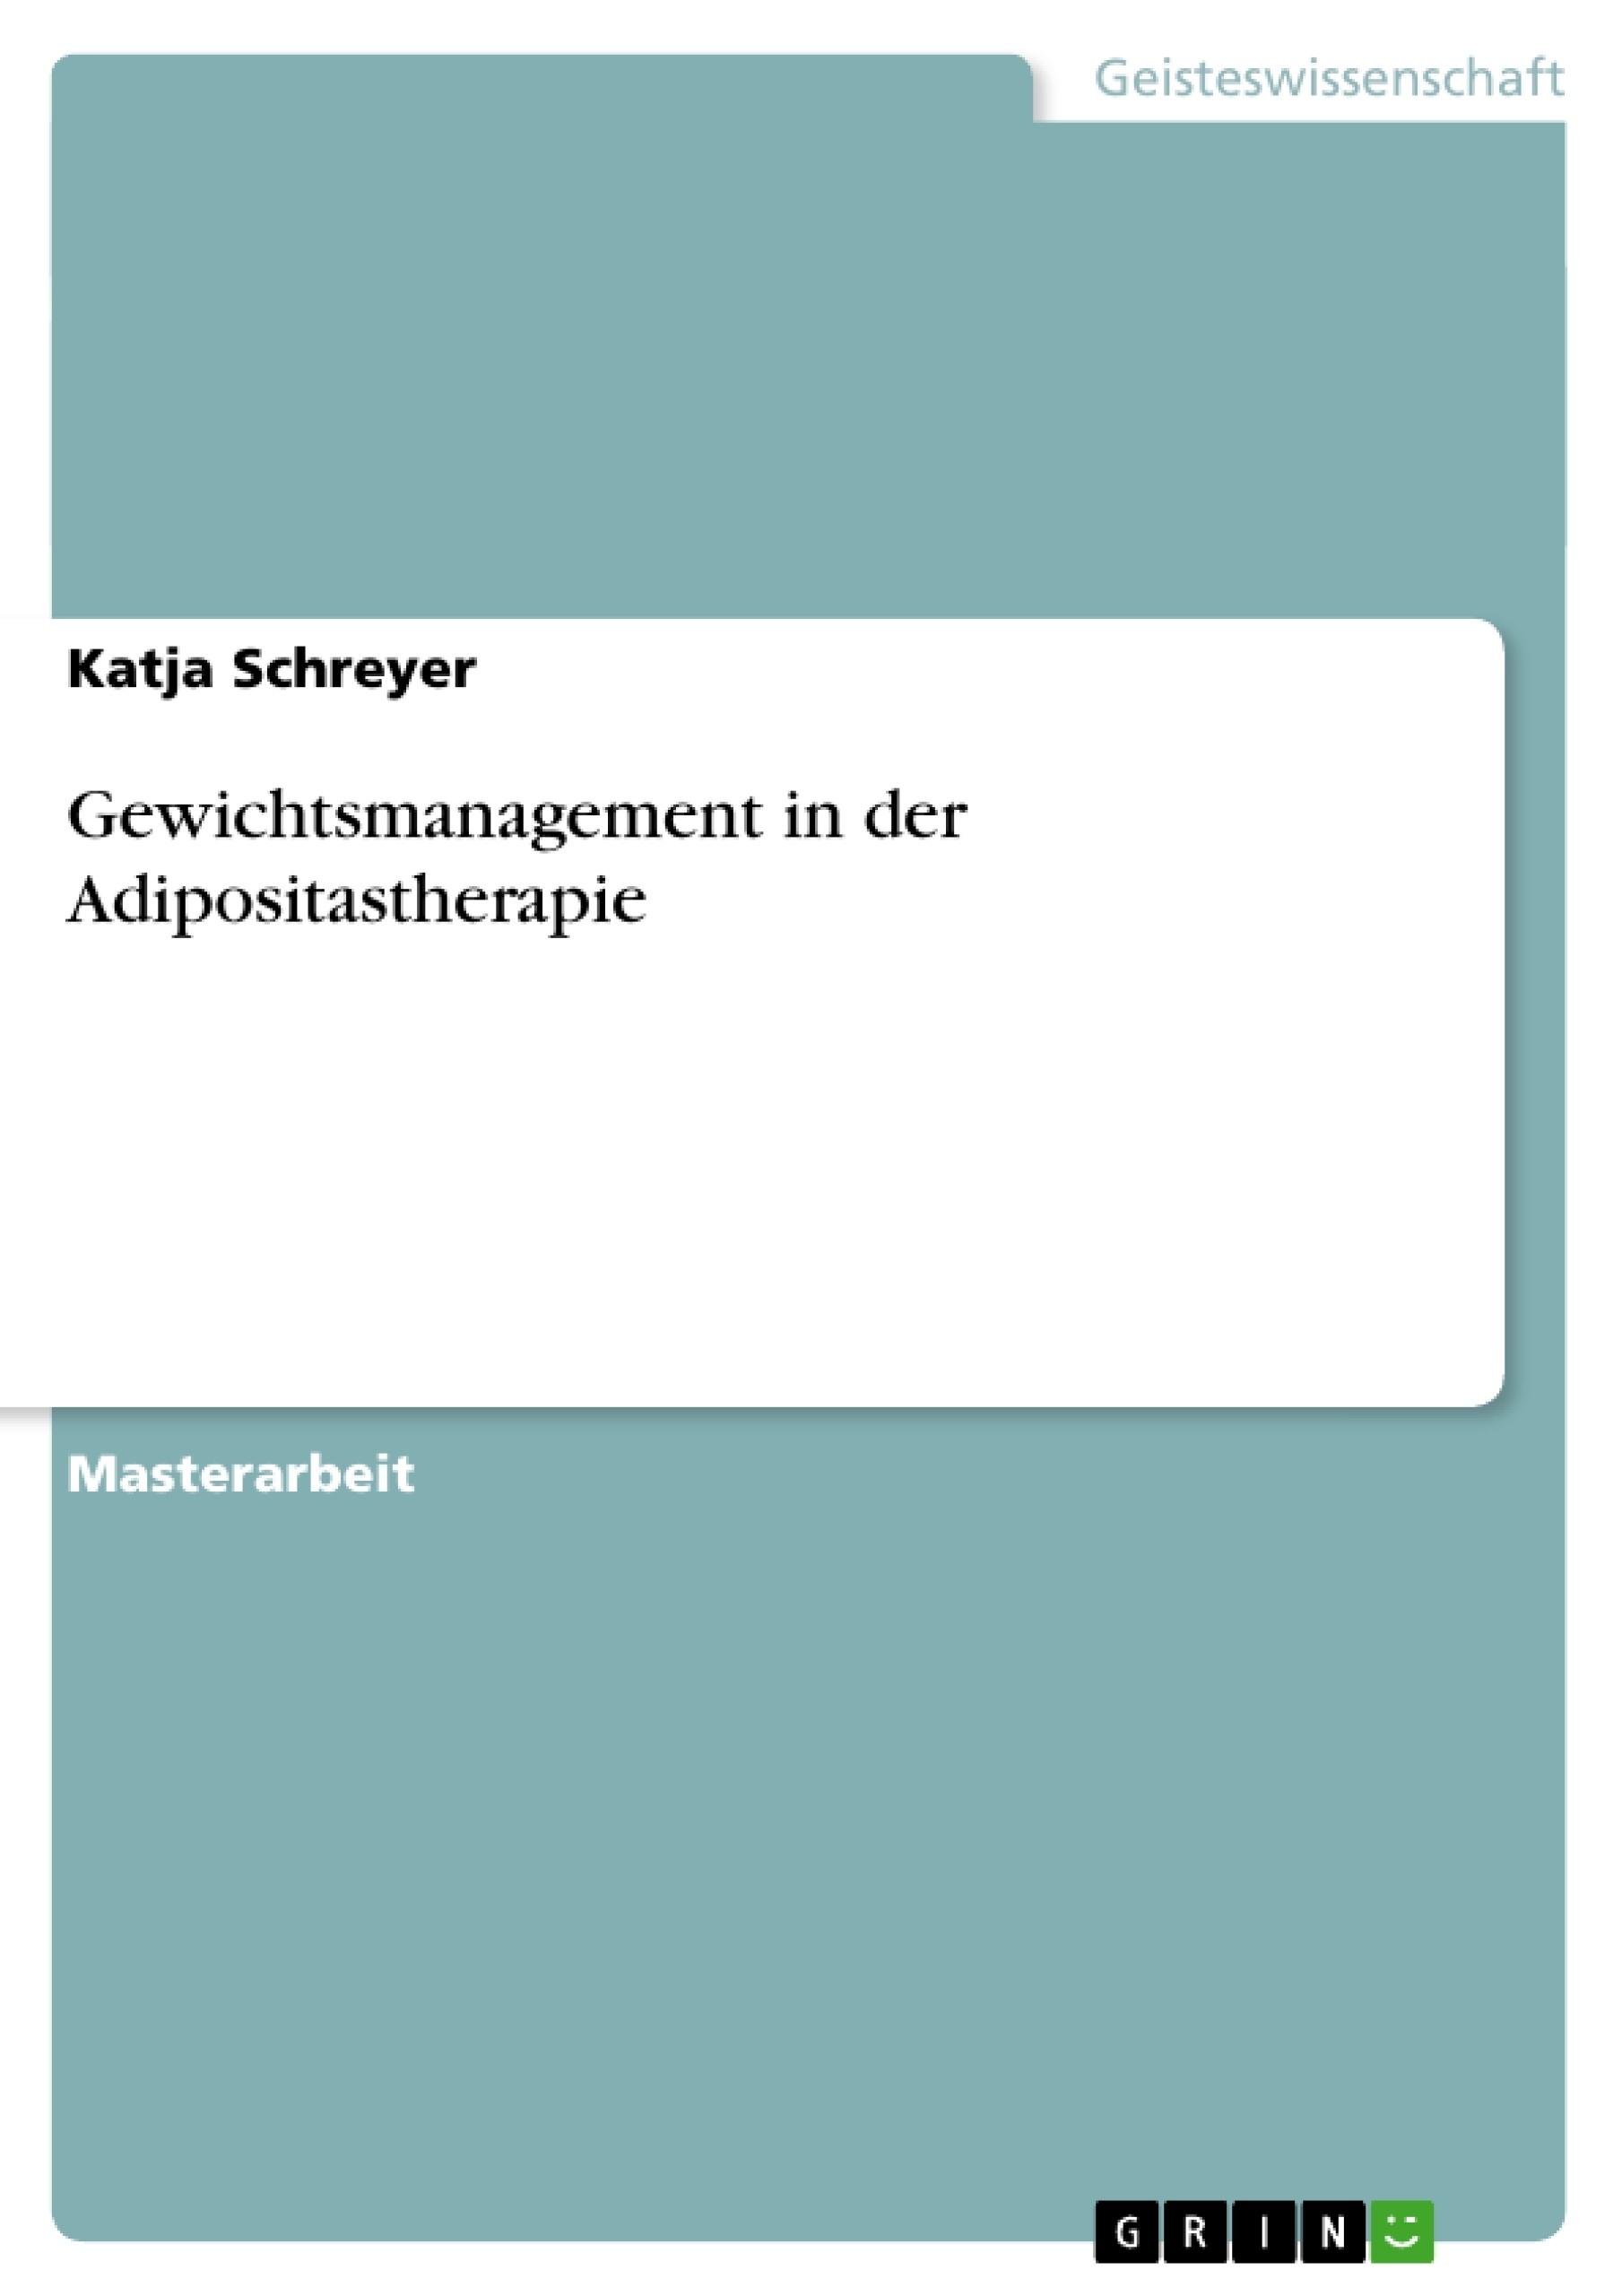 Titel: Gewichtsmanagement in der Adipositastherapie